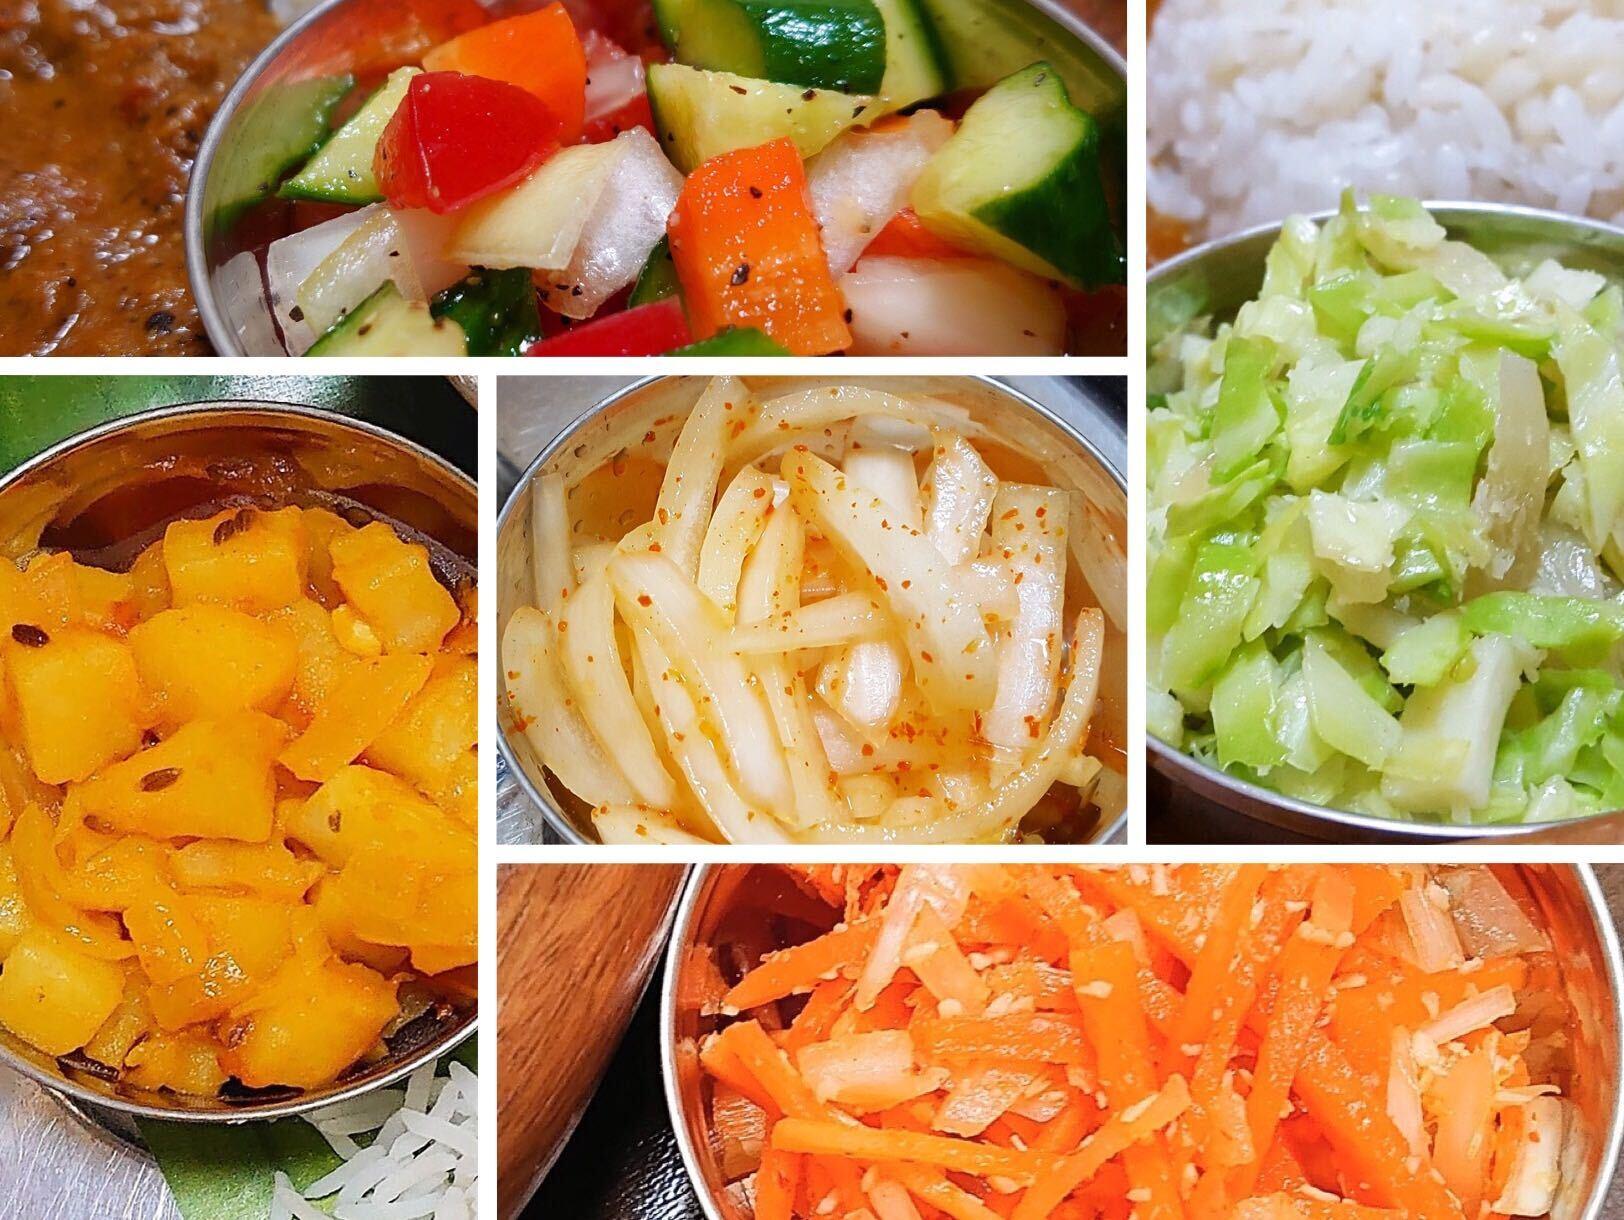 カレーの副菜はサラダだけじゃない! カレー沼の住人が超簡単に作れる本格カレー副菜レシピ5品を伝授